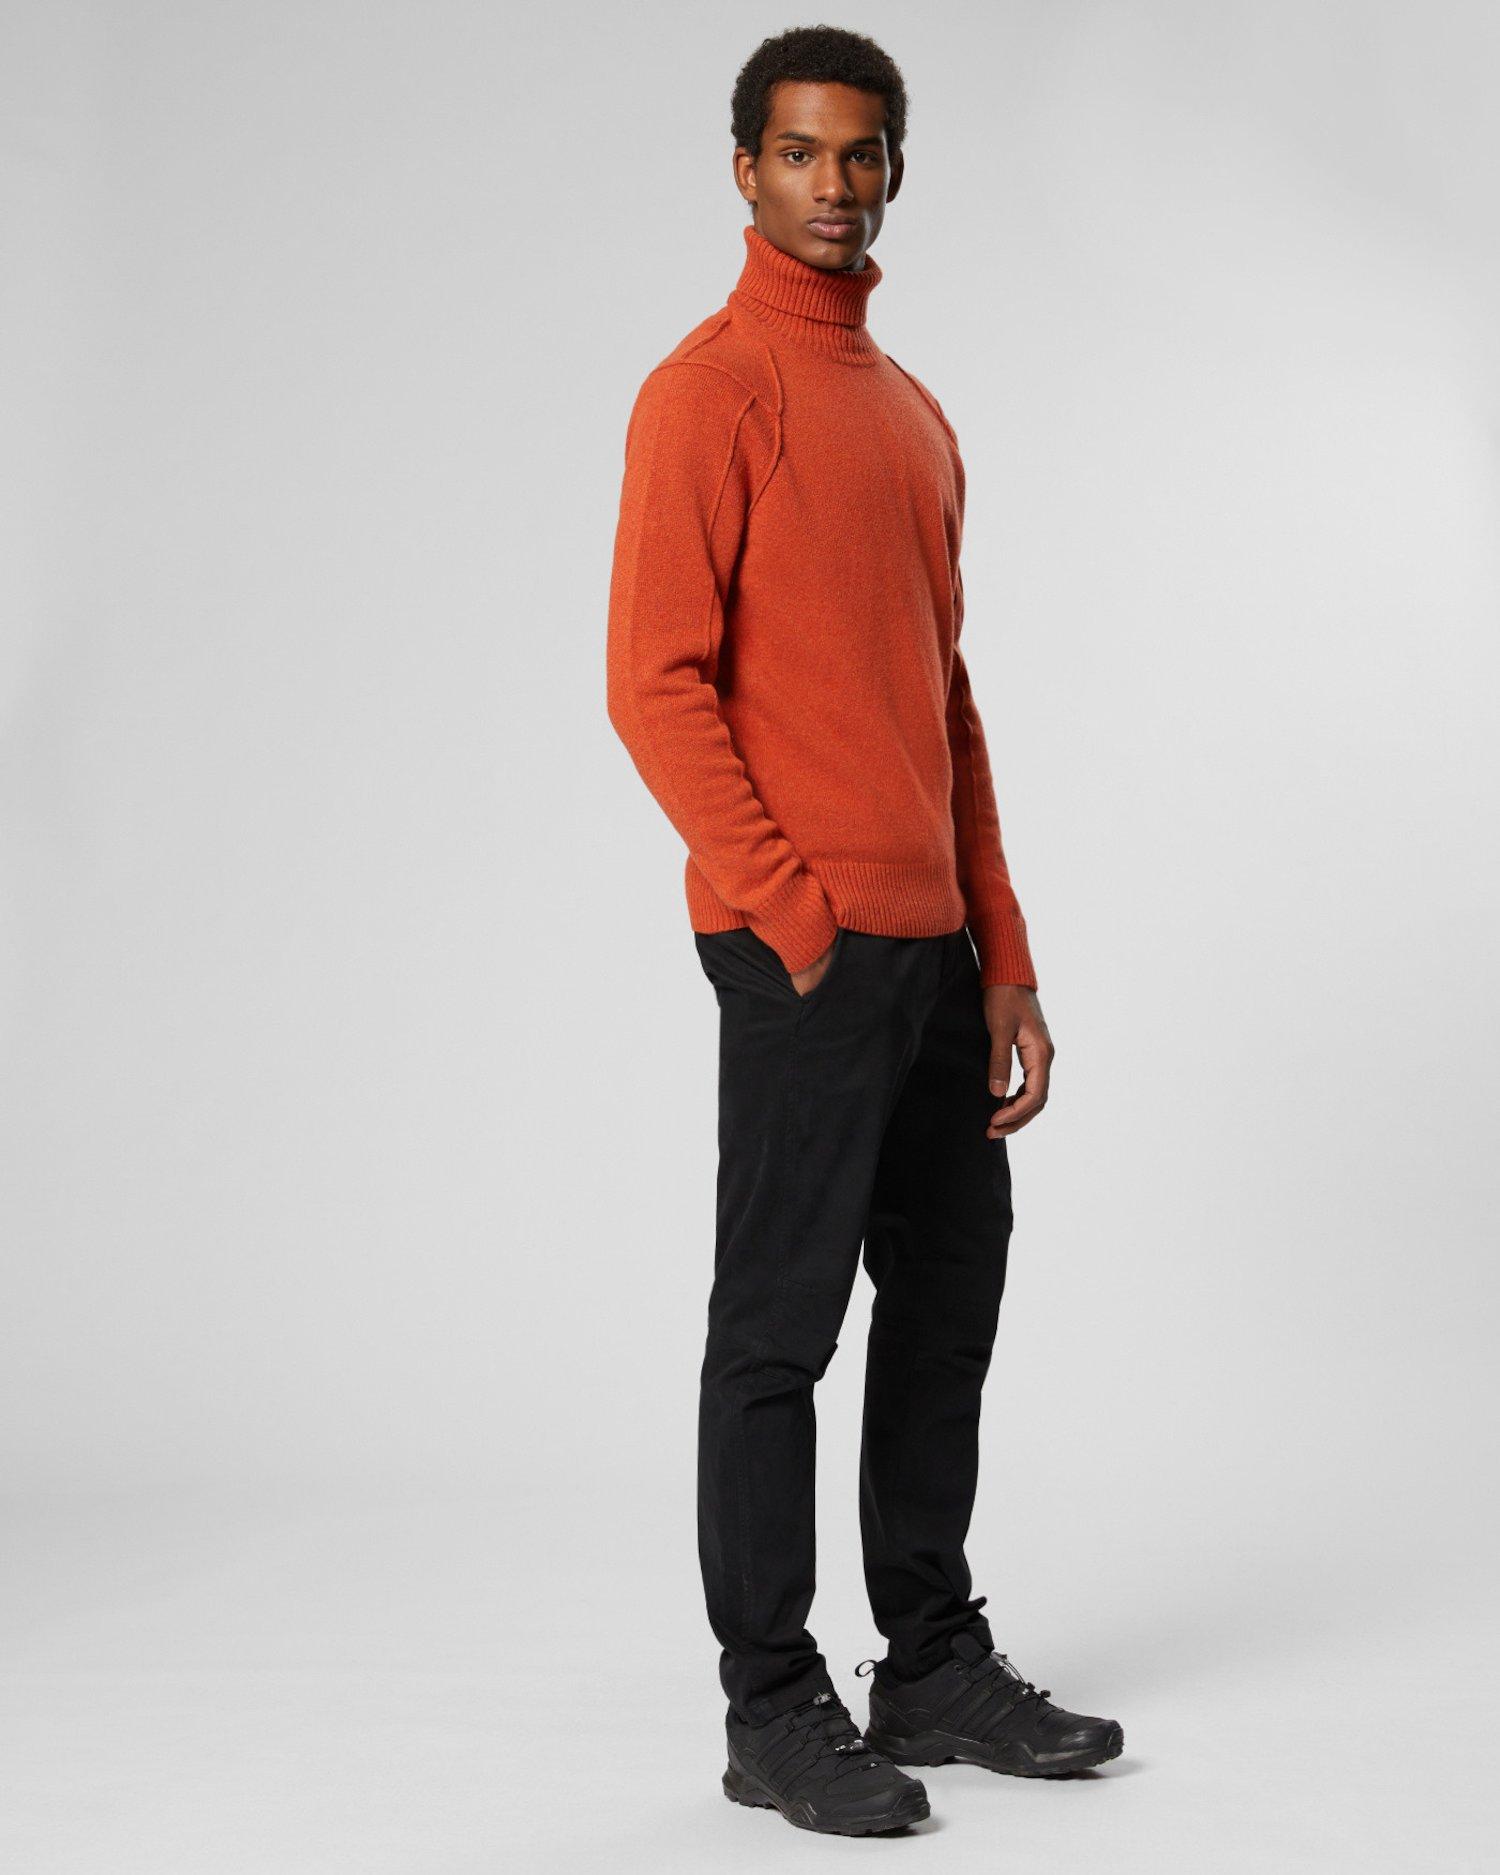 Jersey de lana de cordero con cuello vuelto